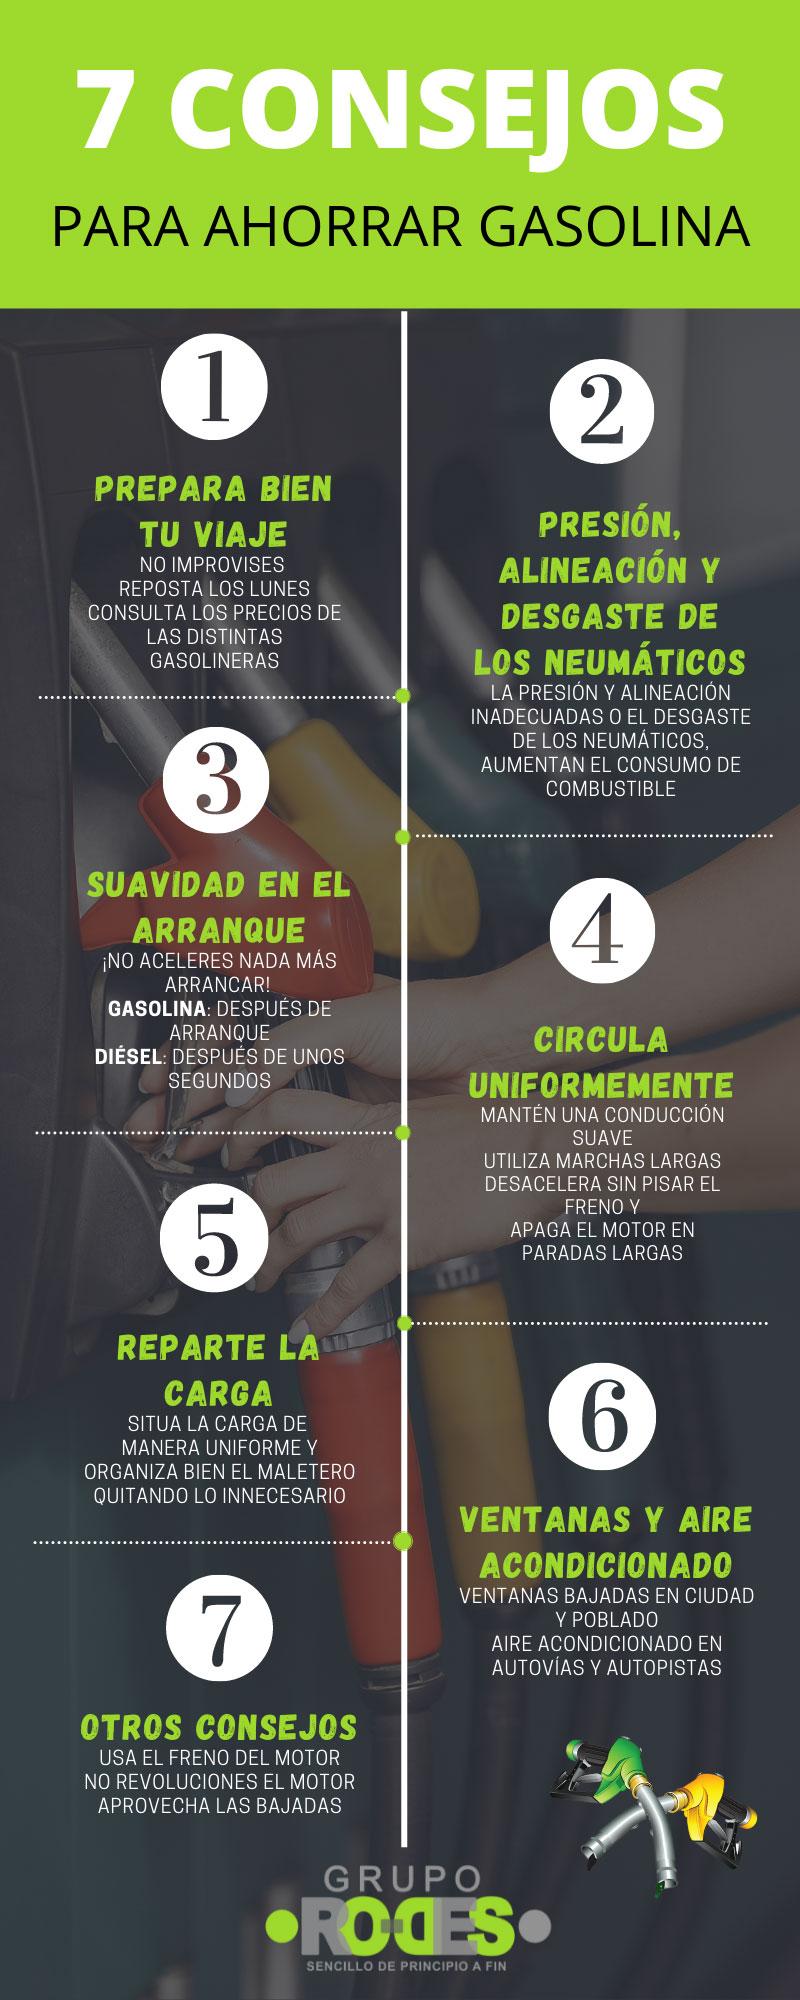 Infografía: 7 consejos para ahorrar gasolina